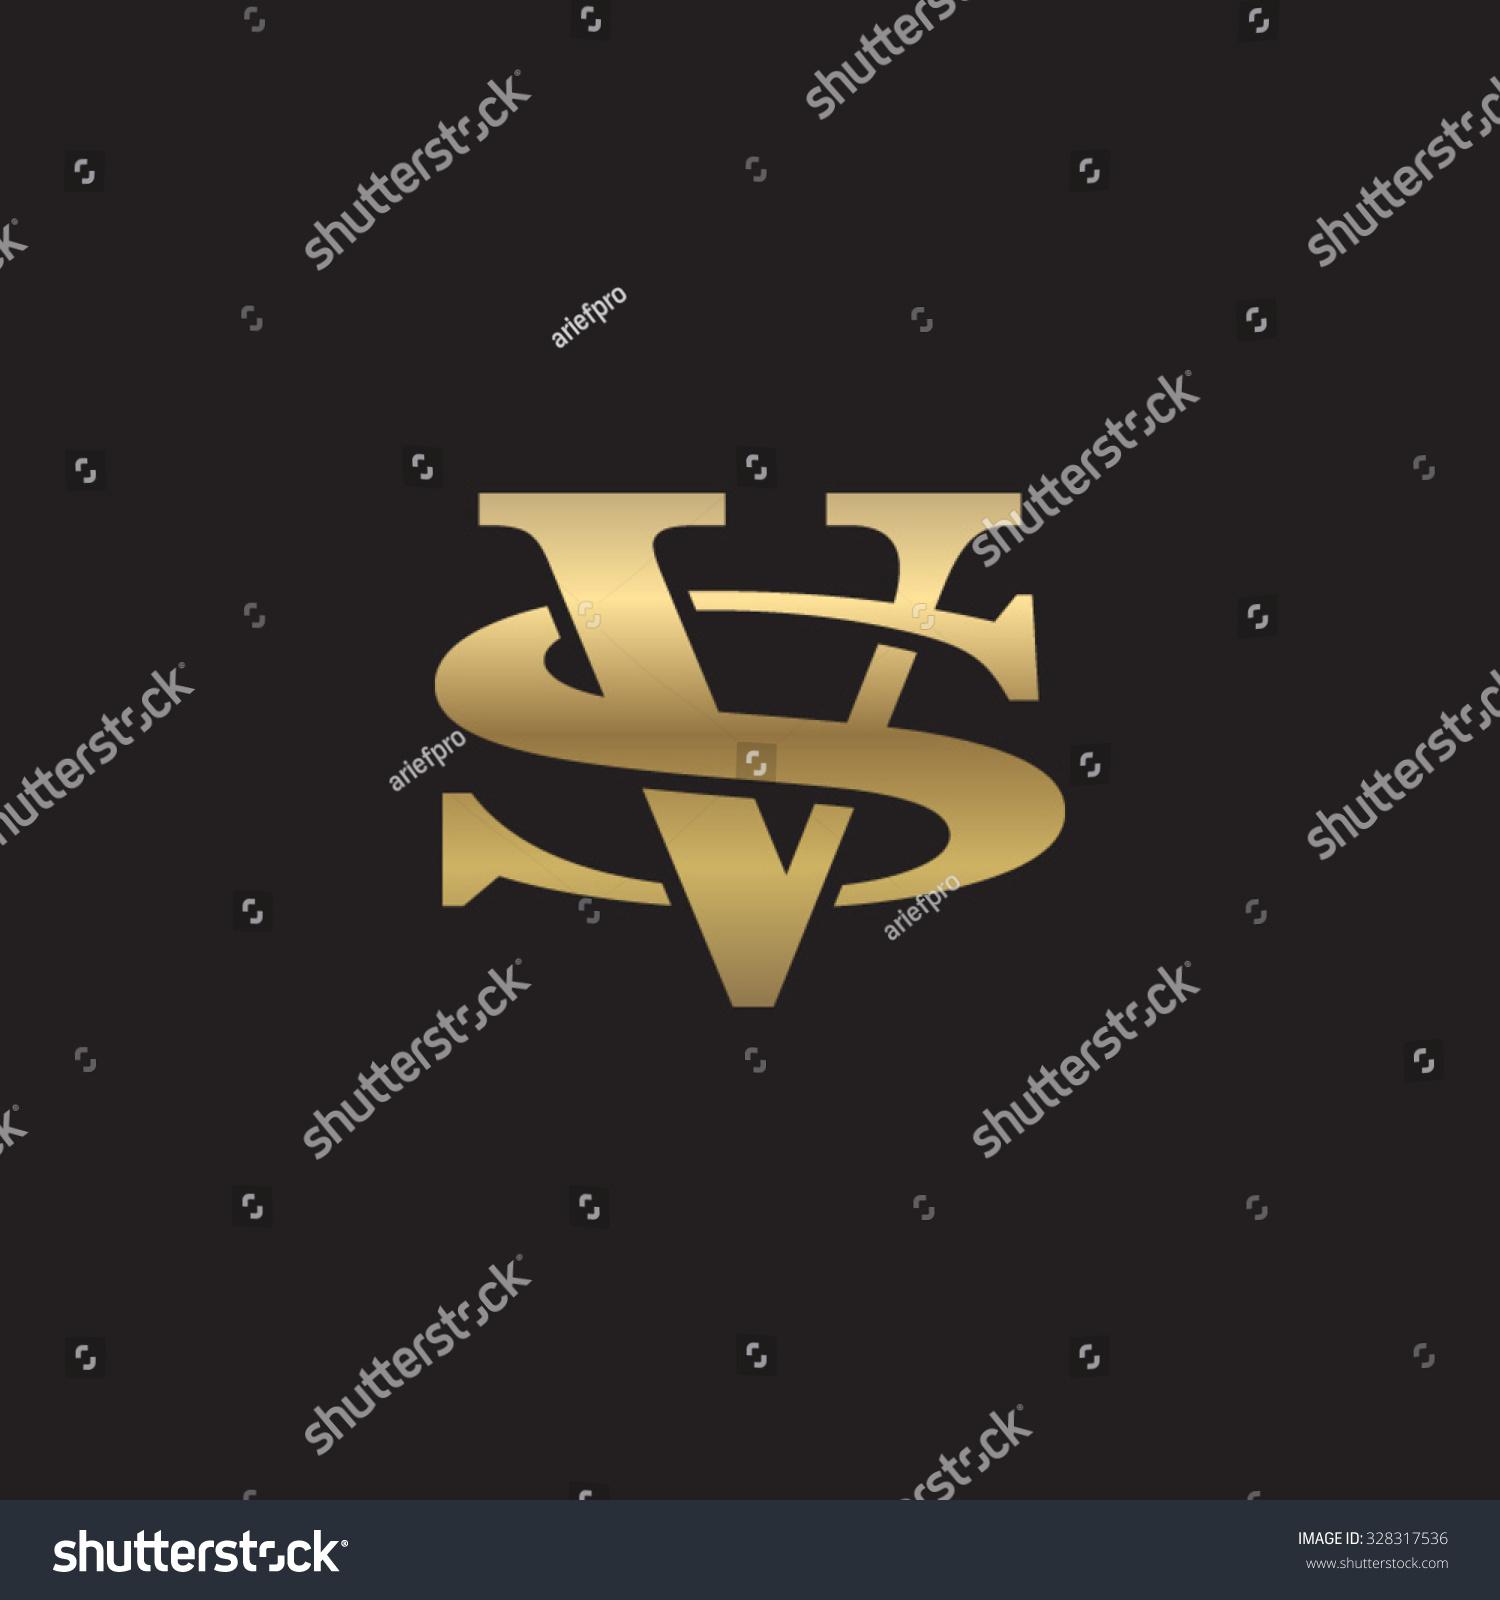 Royalty Free Letter S And V Monogram Golden Logo 328317536 Stock